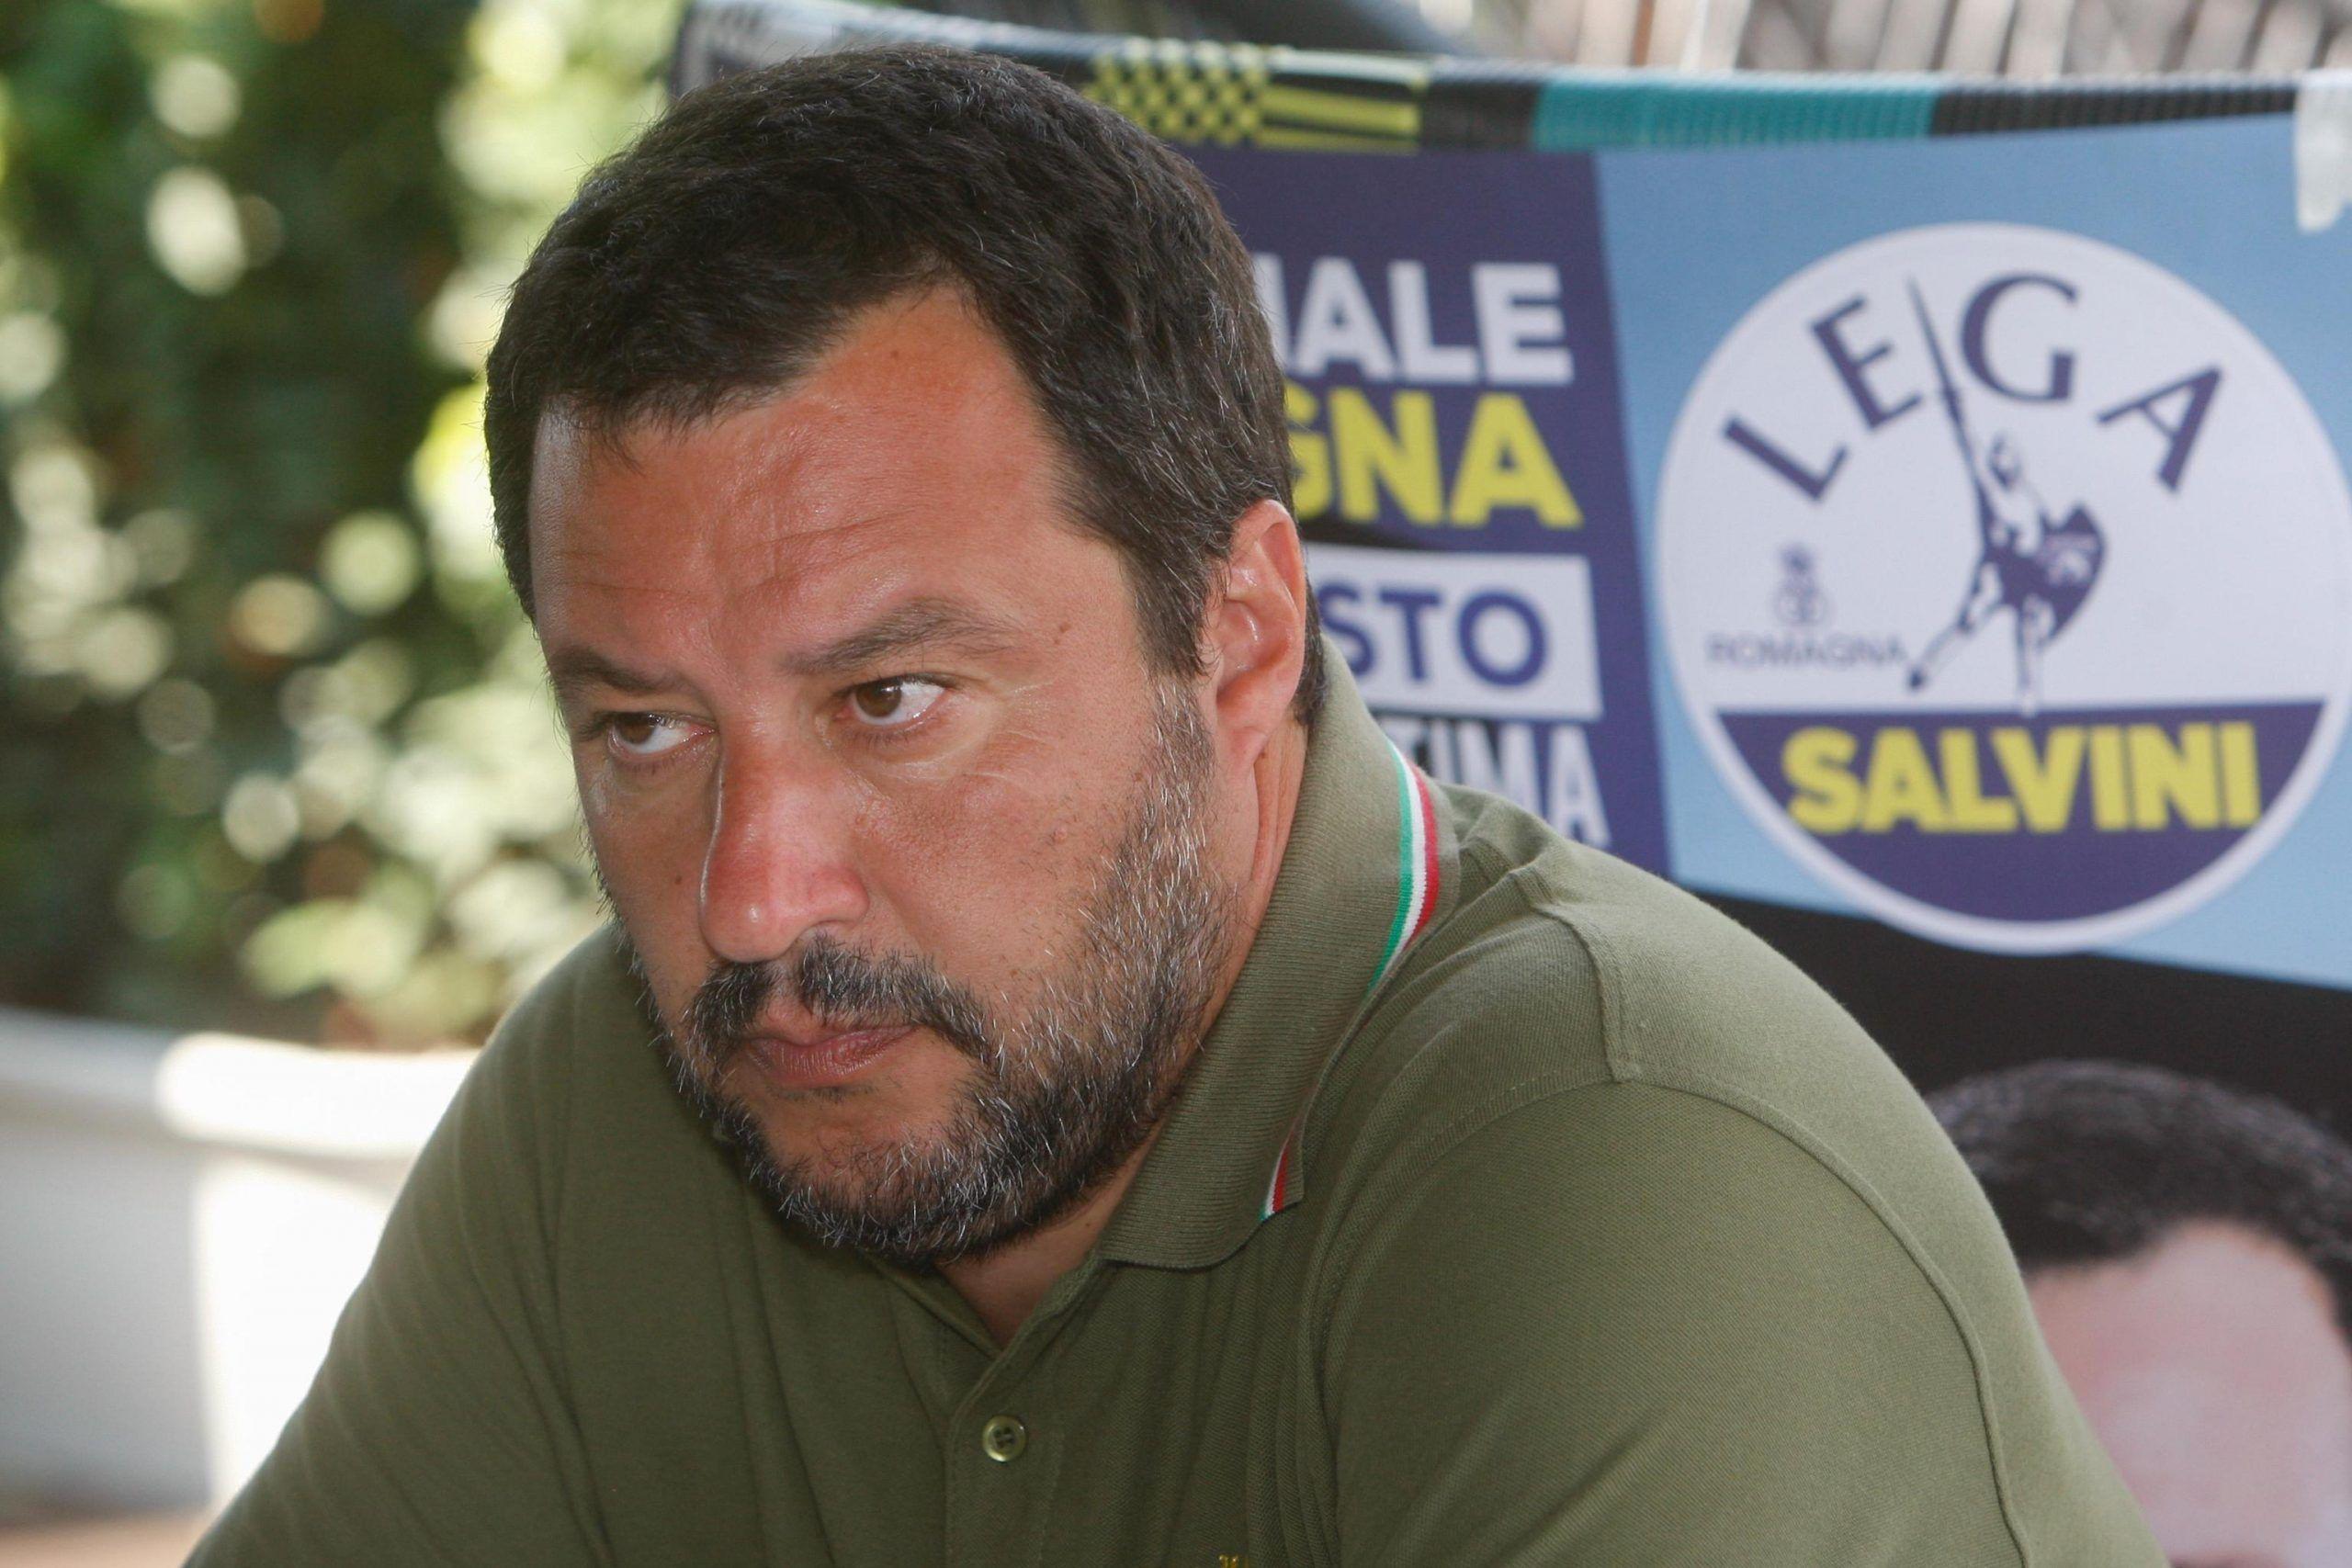 Migranti: Salvini, obiettivo è arrivare a minimo storico